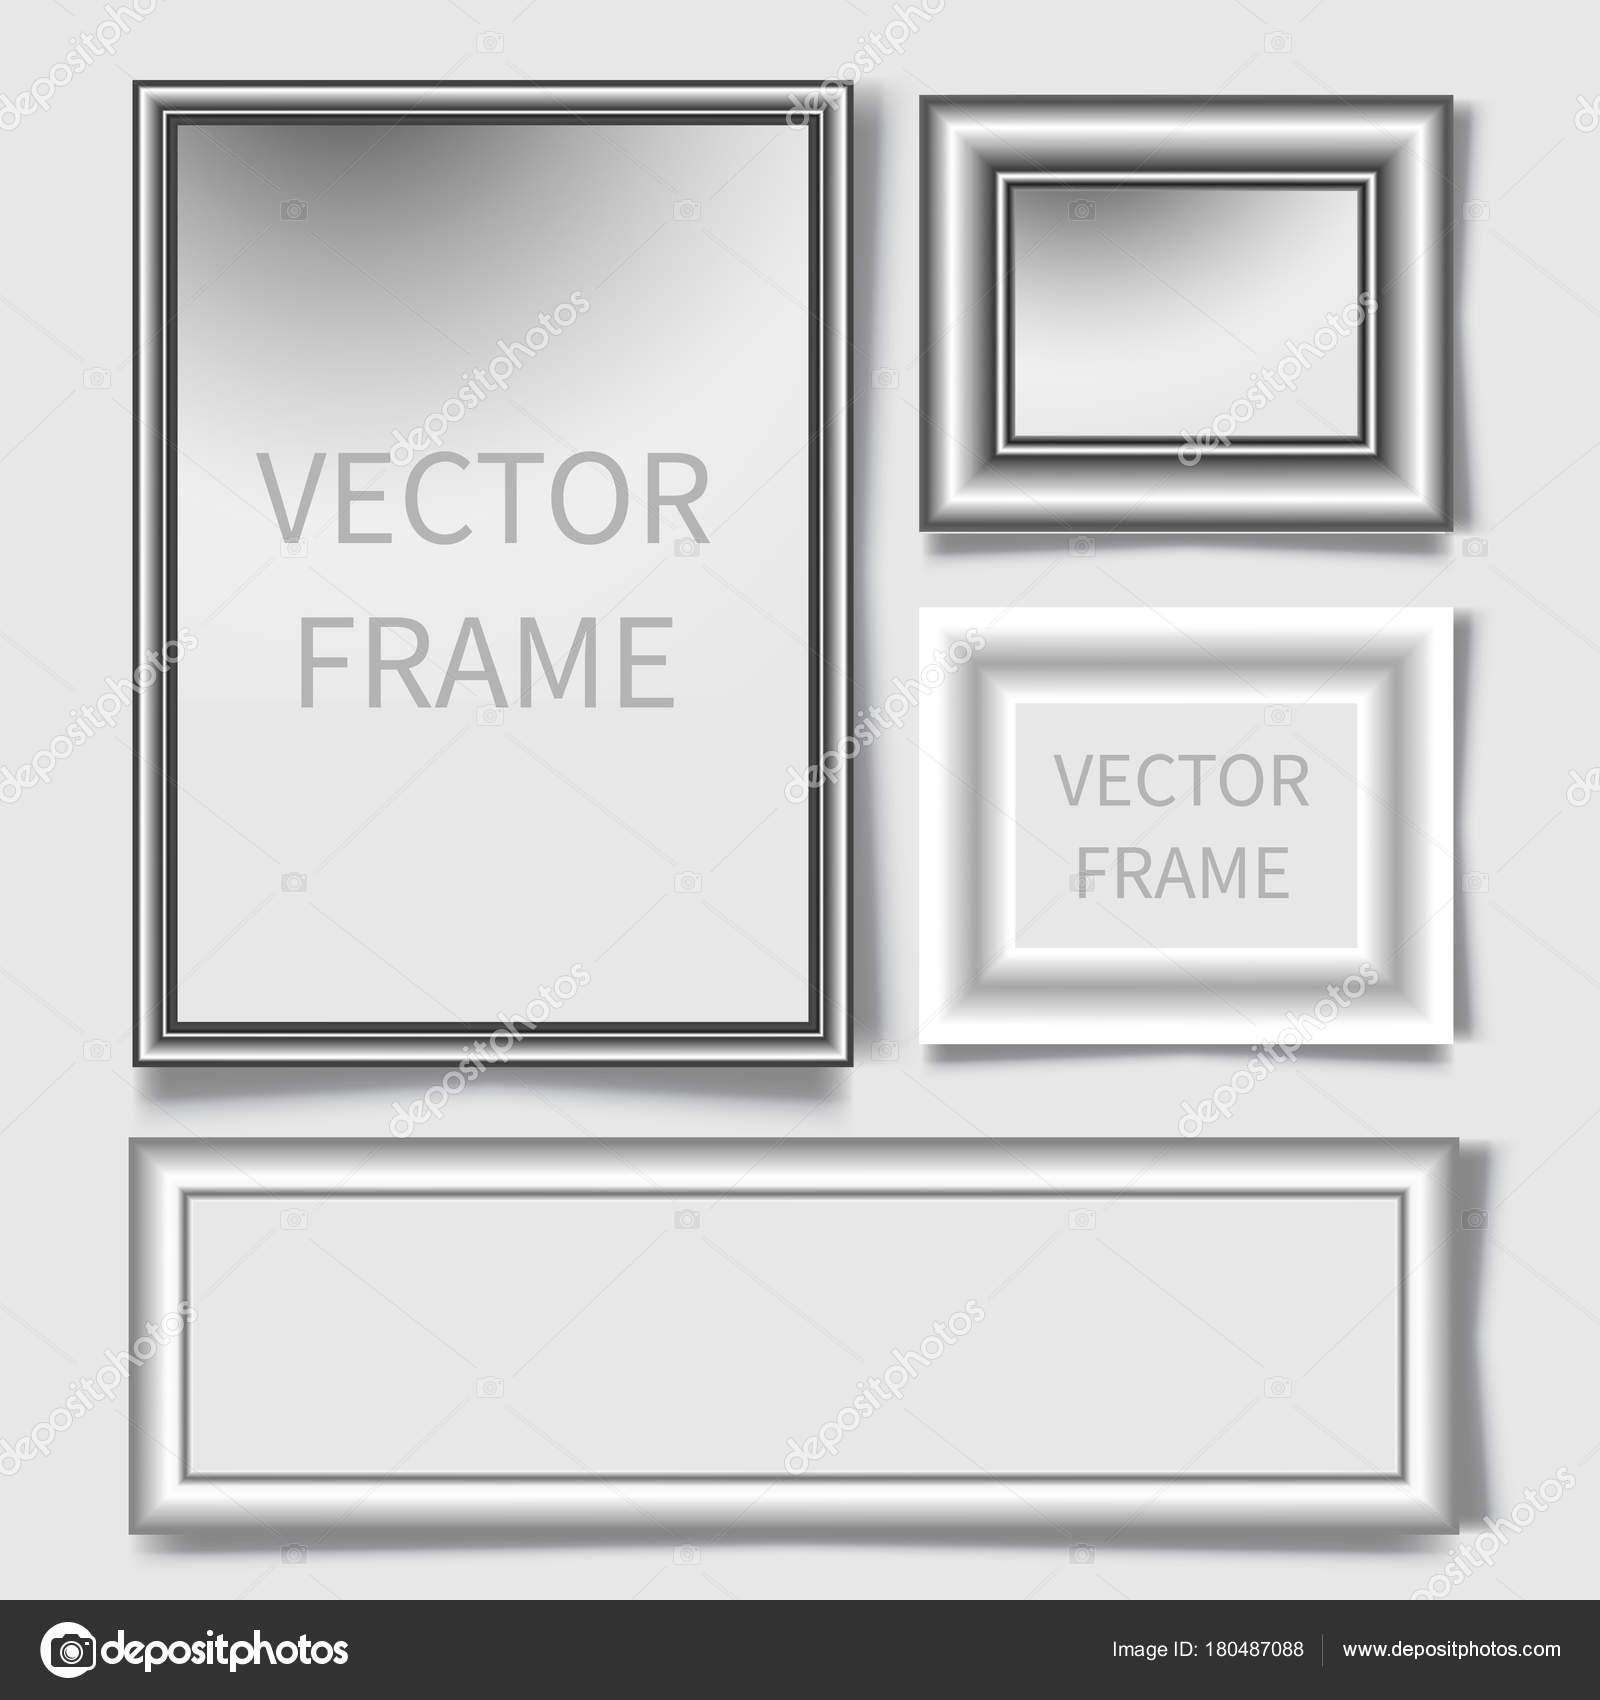 Realistische Bilderrahmen gesetzt. Design-Vorlage für Präsentationen ...